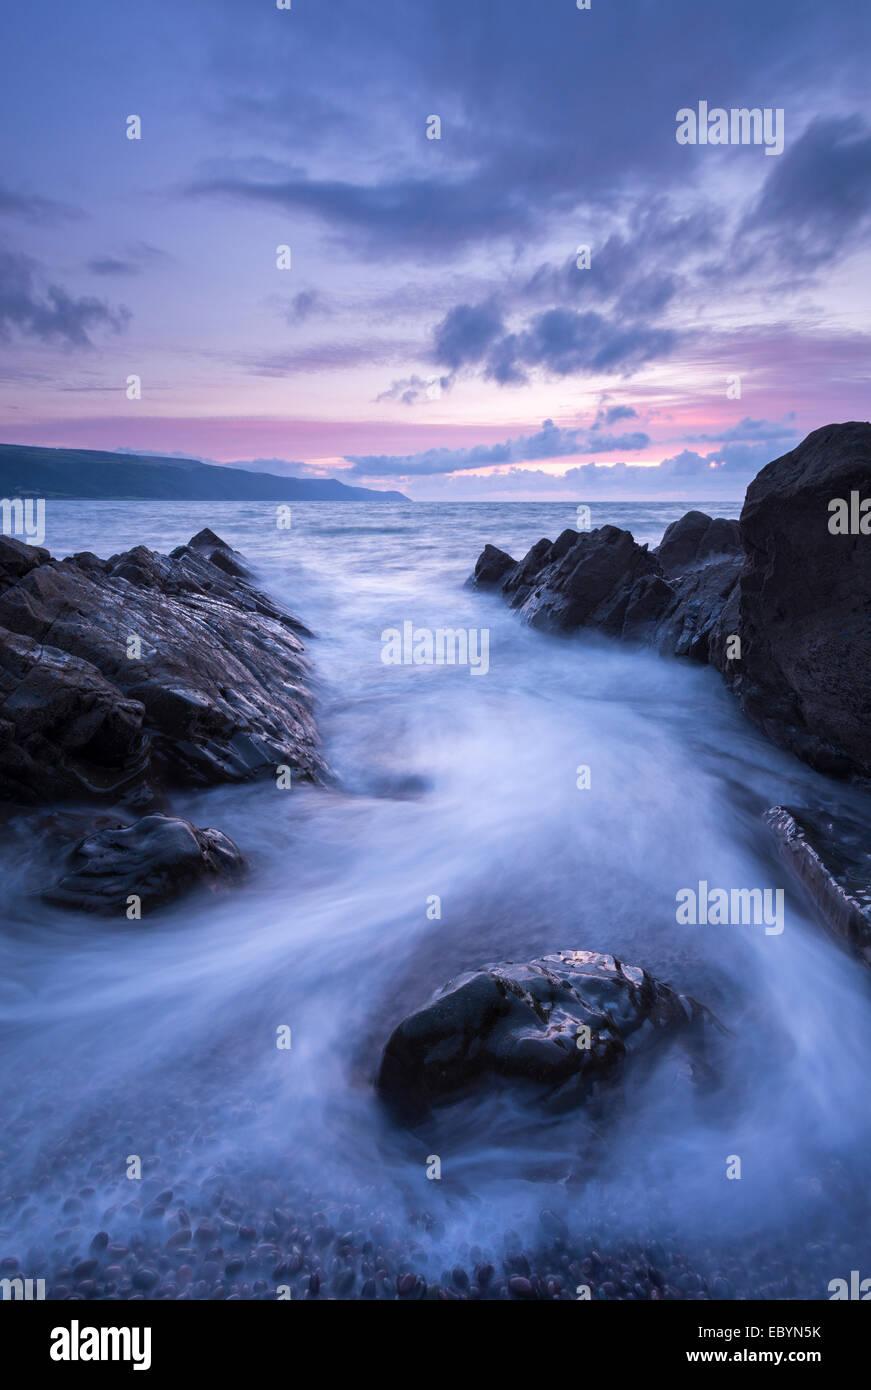 Plus de crépuscule Porlock Bay, Parc National d'Exmoor, Somerset, Angleterre. L'été (août) Photo Stock